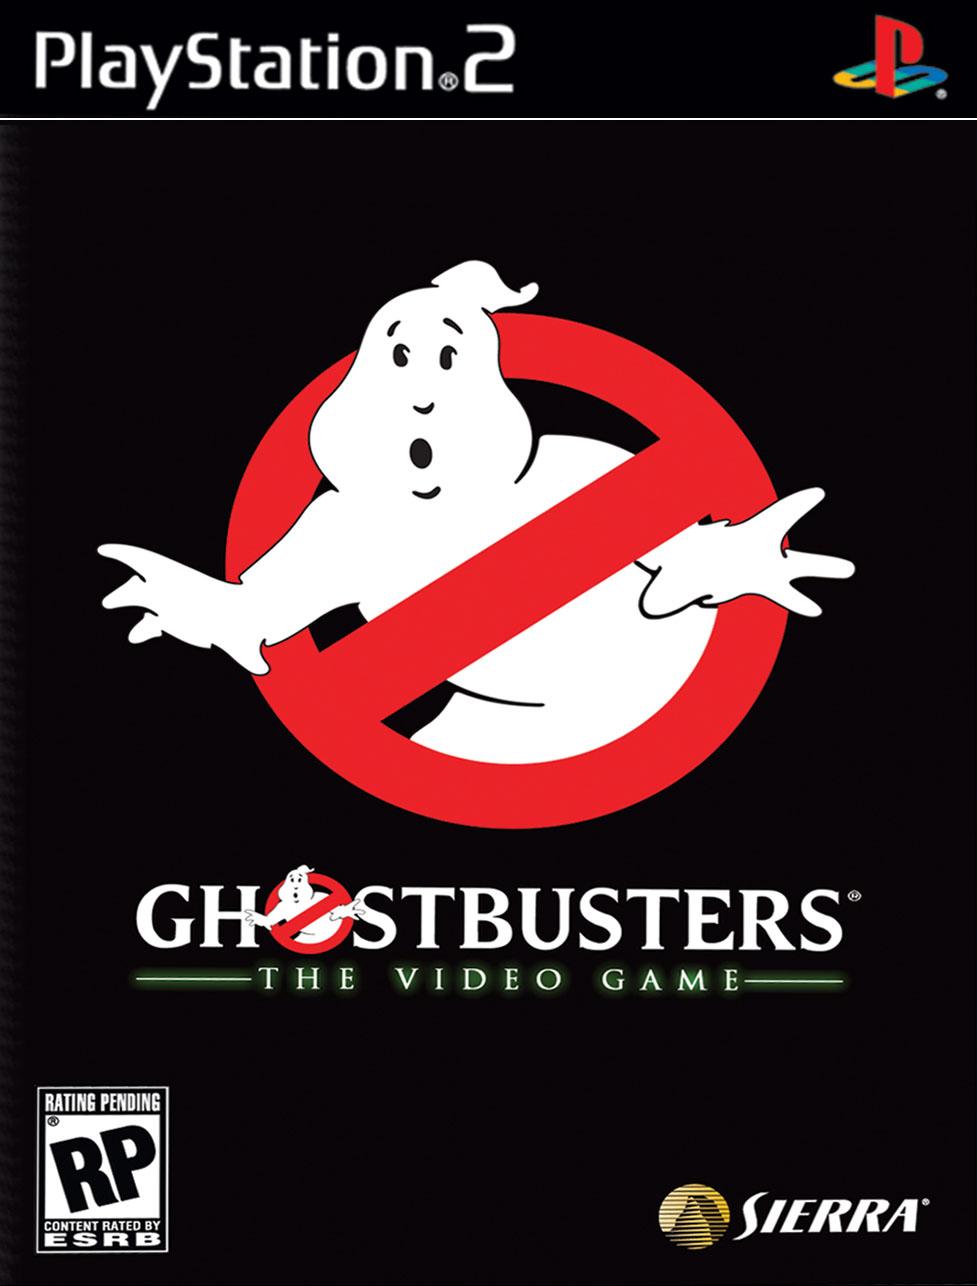 Ghostbusters PS2 Packshot